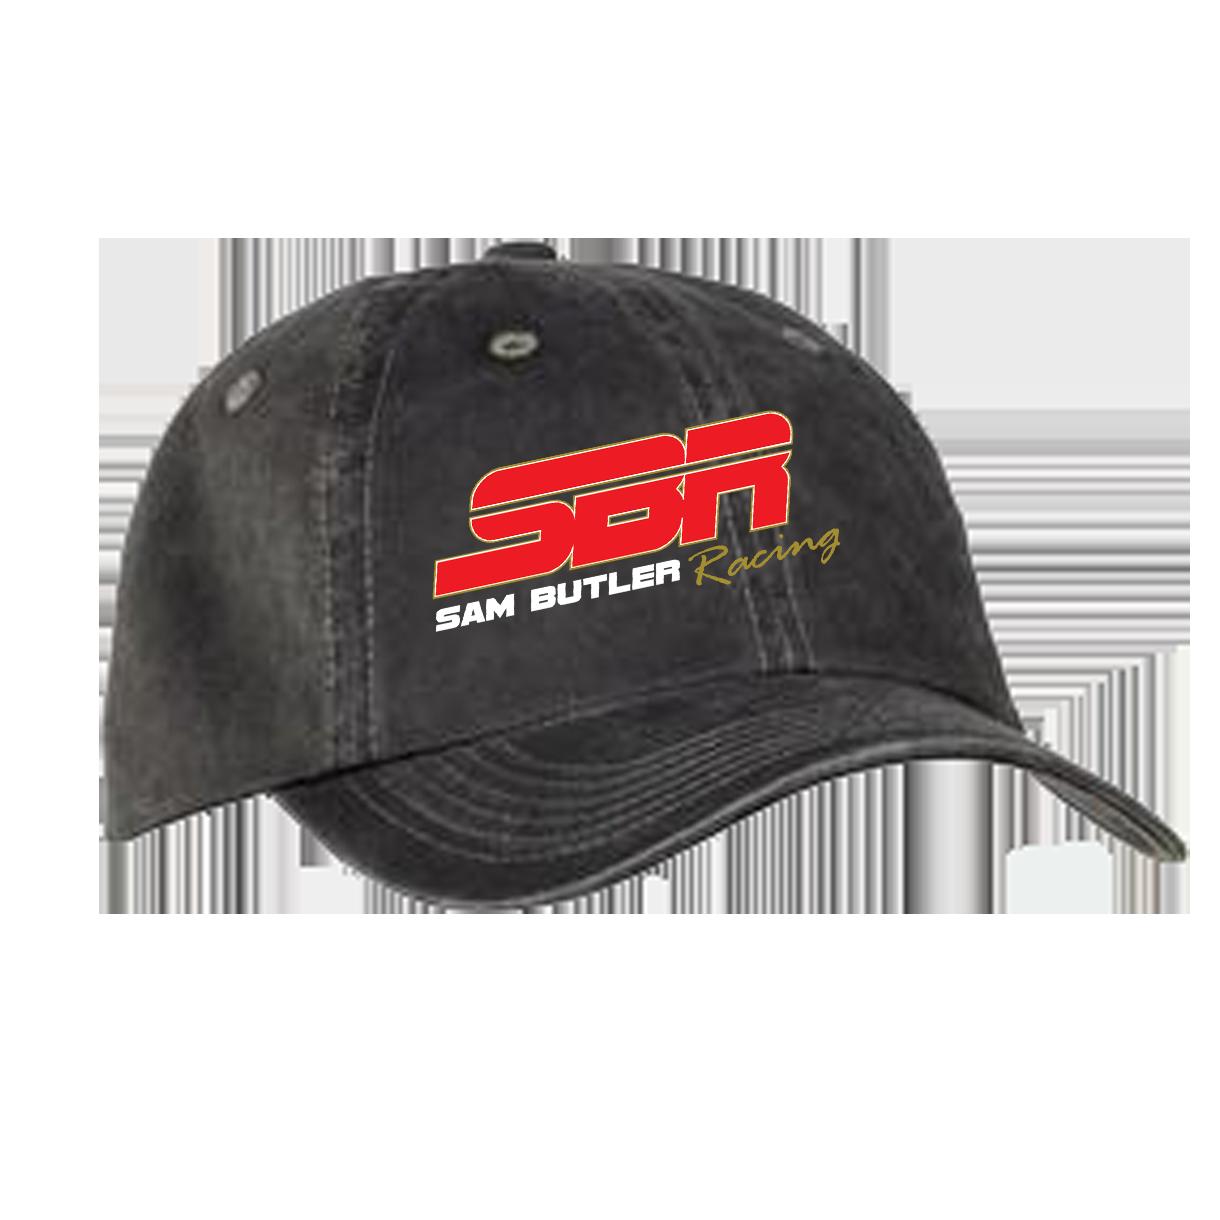 Sam Butler Adjustable Hat